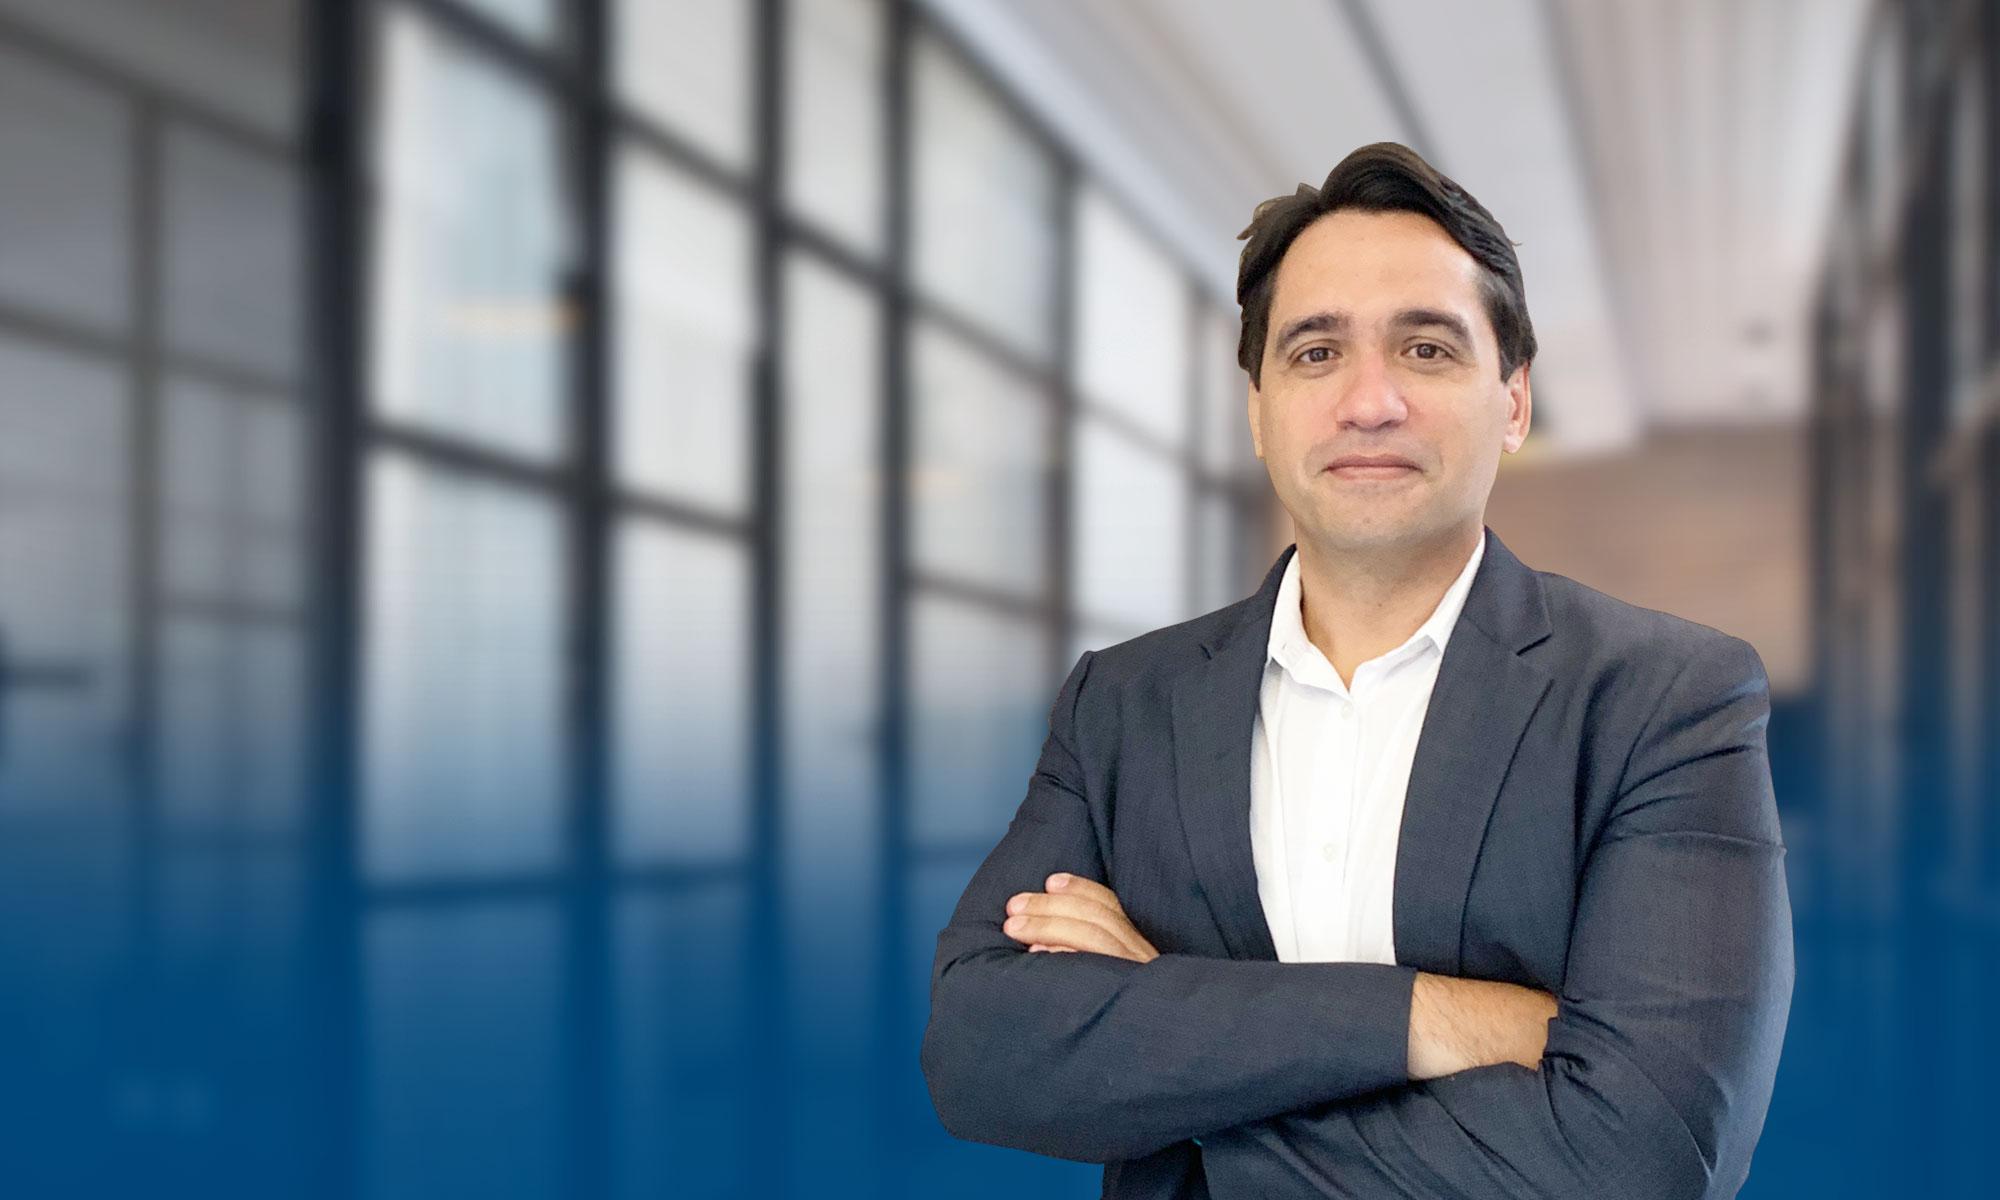 Dr. Carlos Romeiro